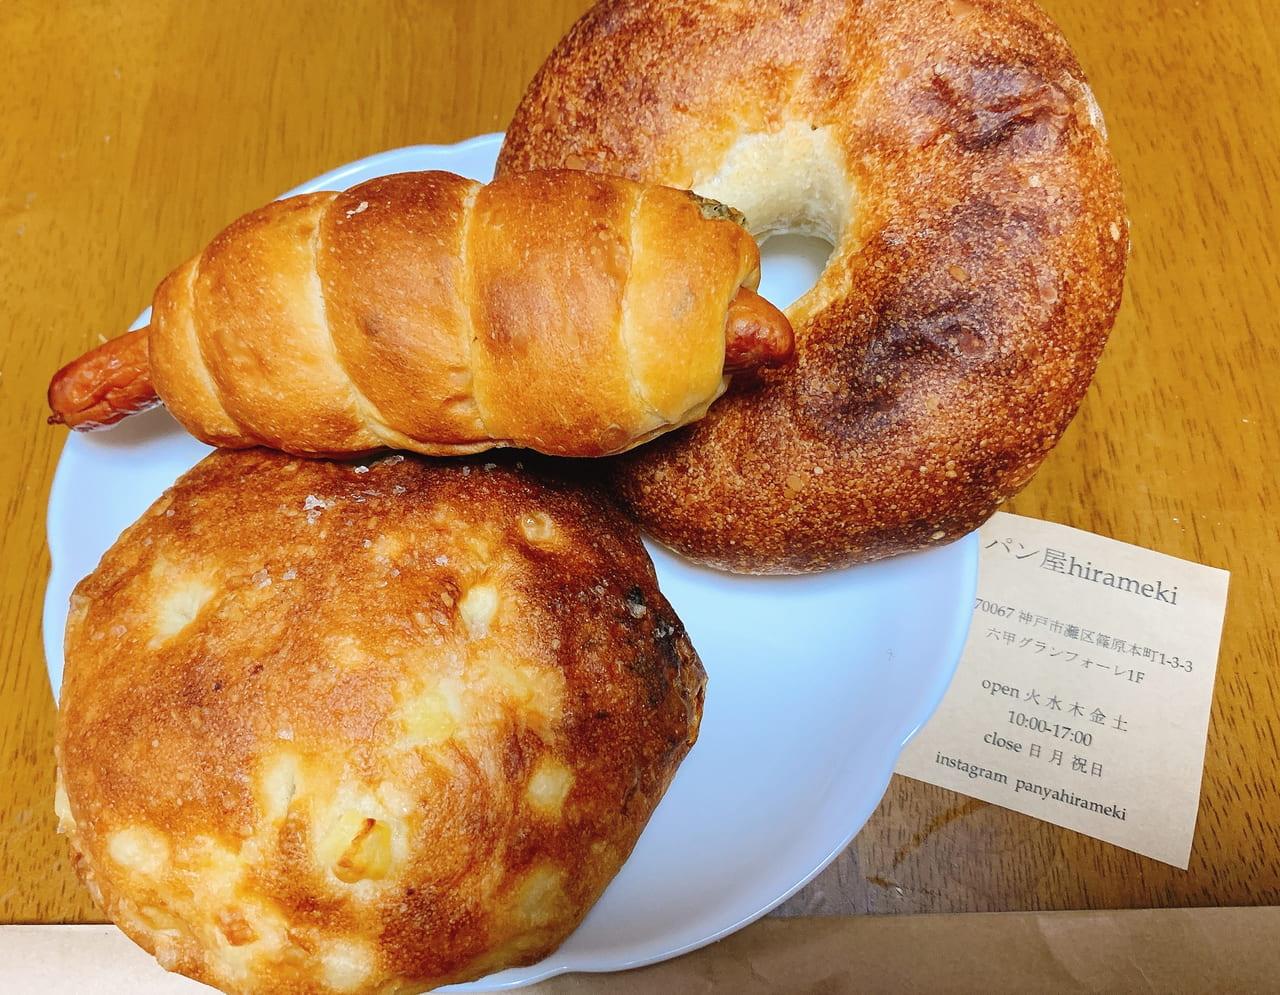 パン屋hikari